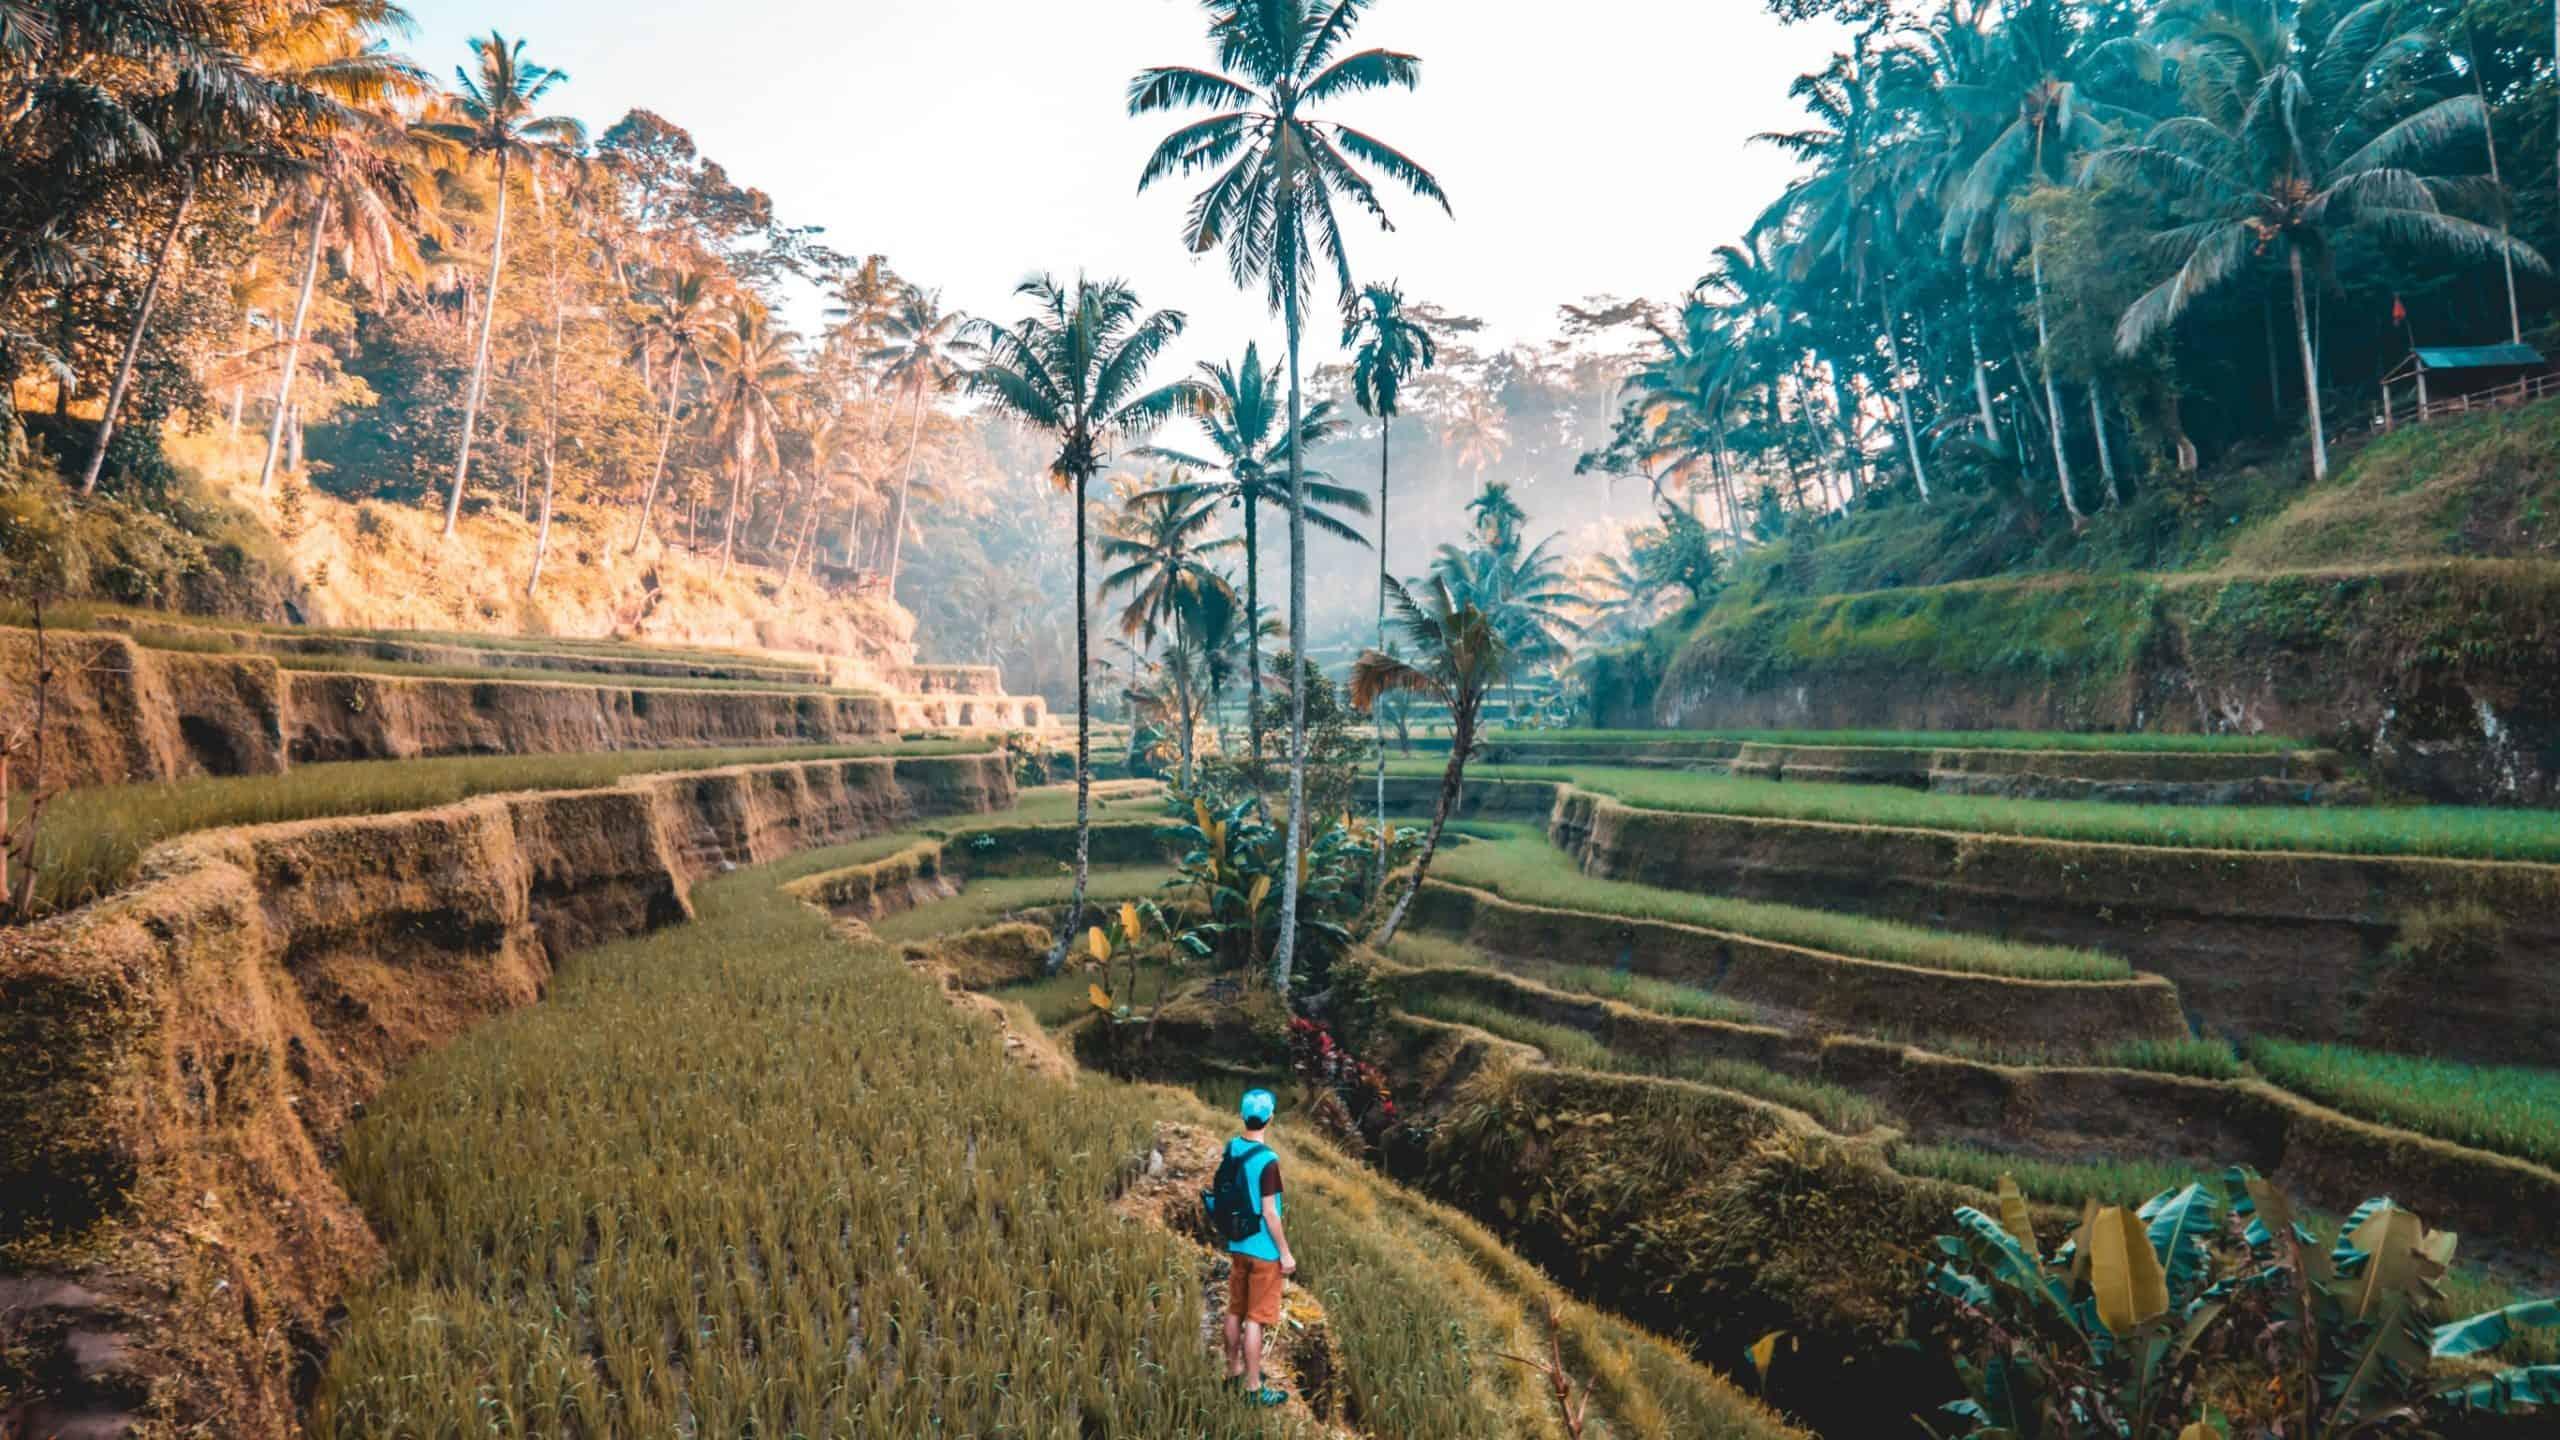 Singapur - miasto Lwa, mistyczne Bali i wyspy Gili